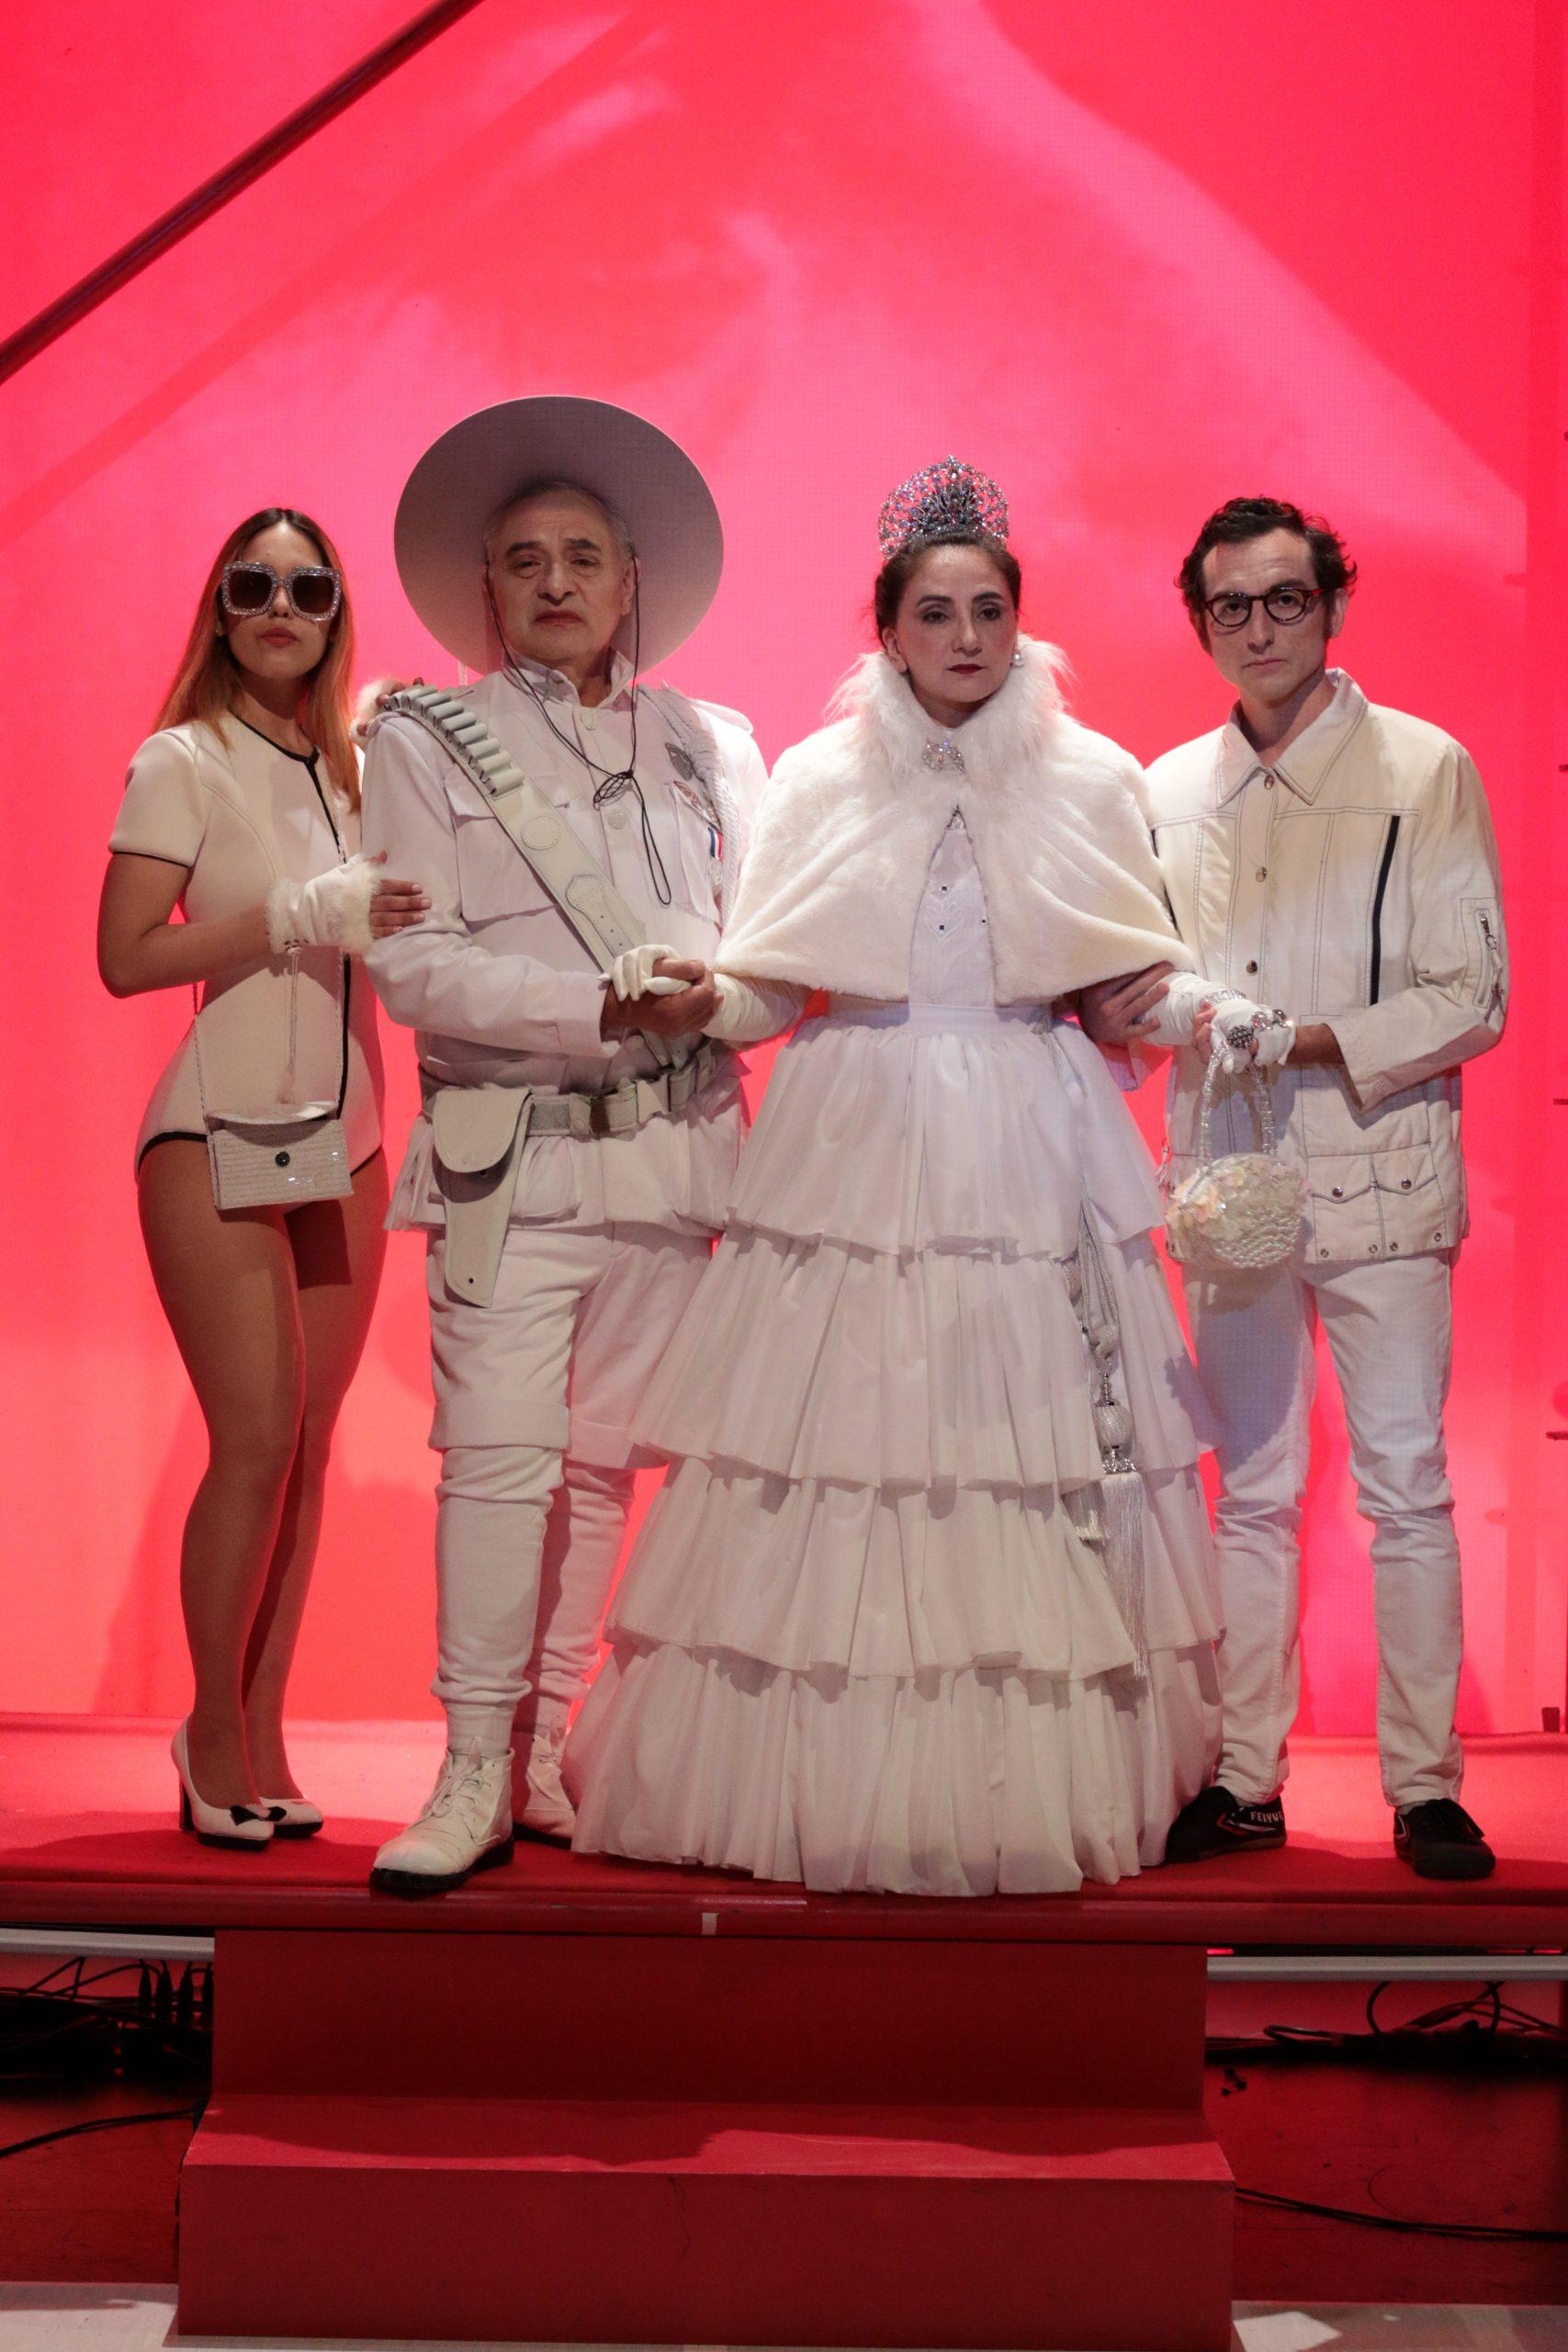 """Vuelve el clásico """"Los Invasores"""" de Egon Wolff con la mirada contemporánea de Teatro Sur"""